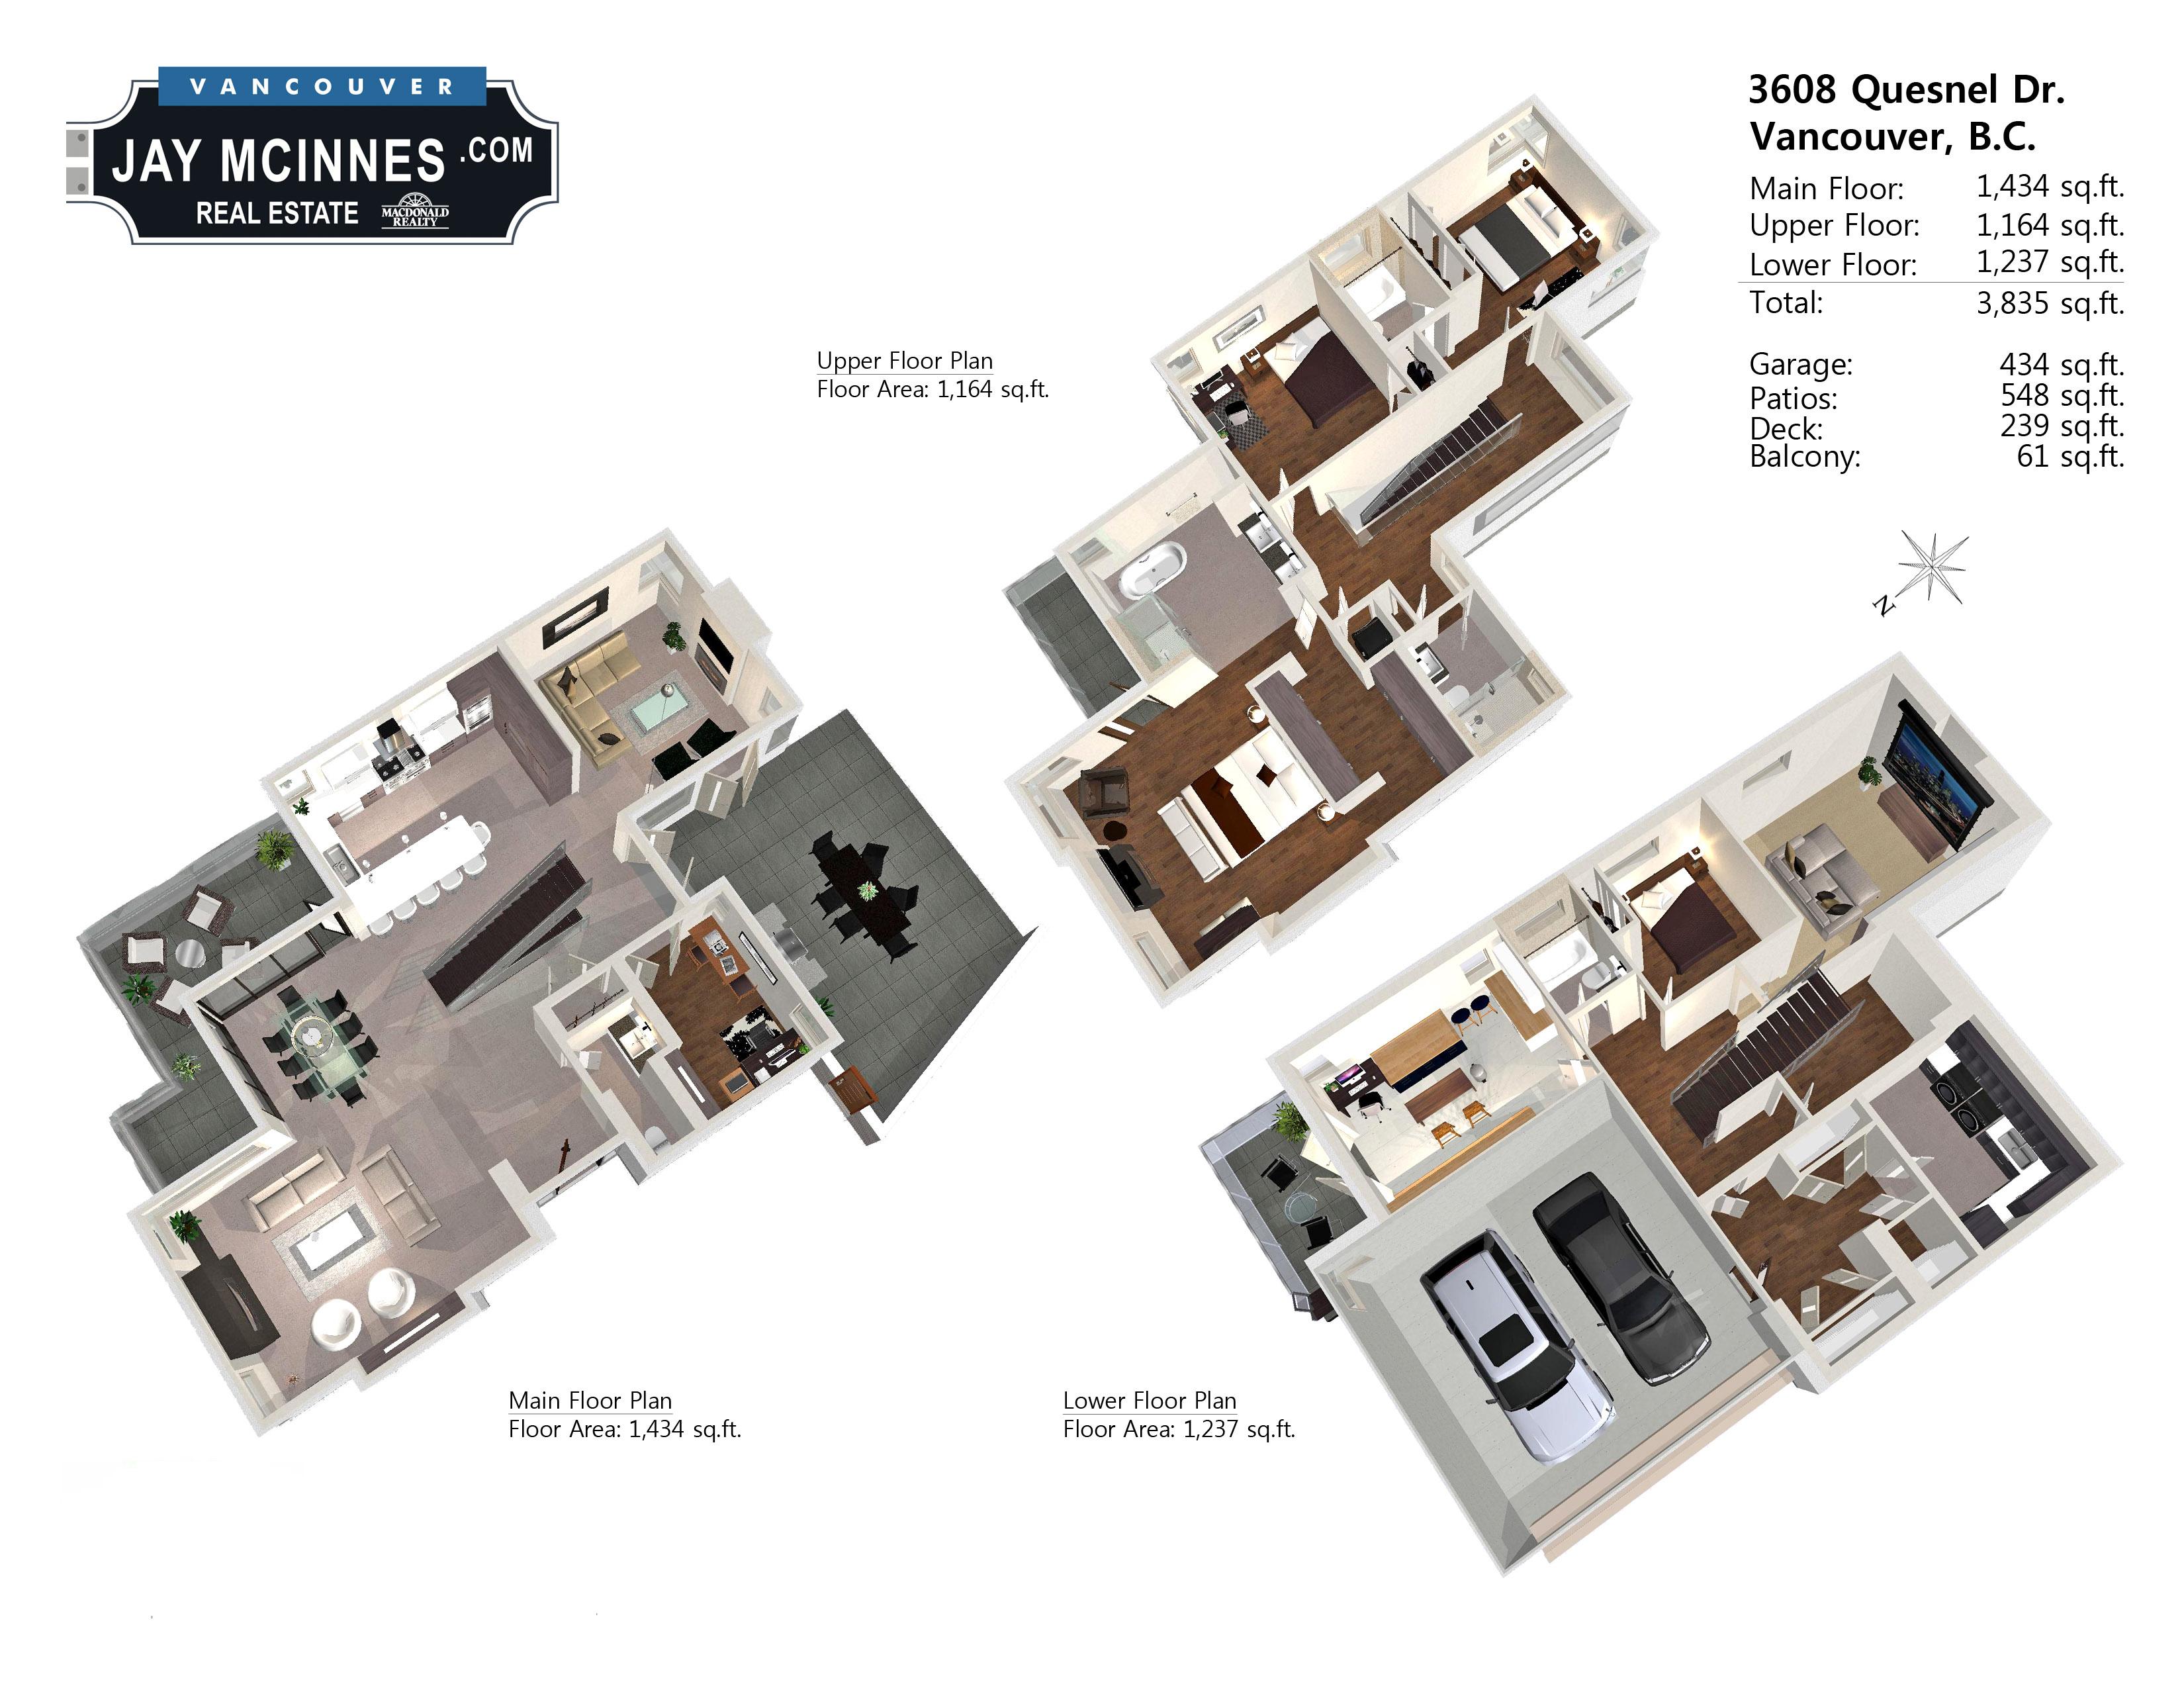 Floor plan 3d free online Online 3d floor plan creator